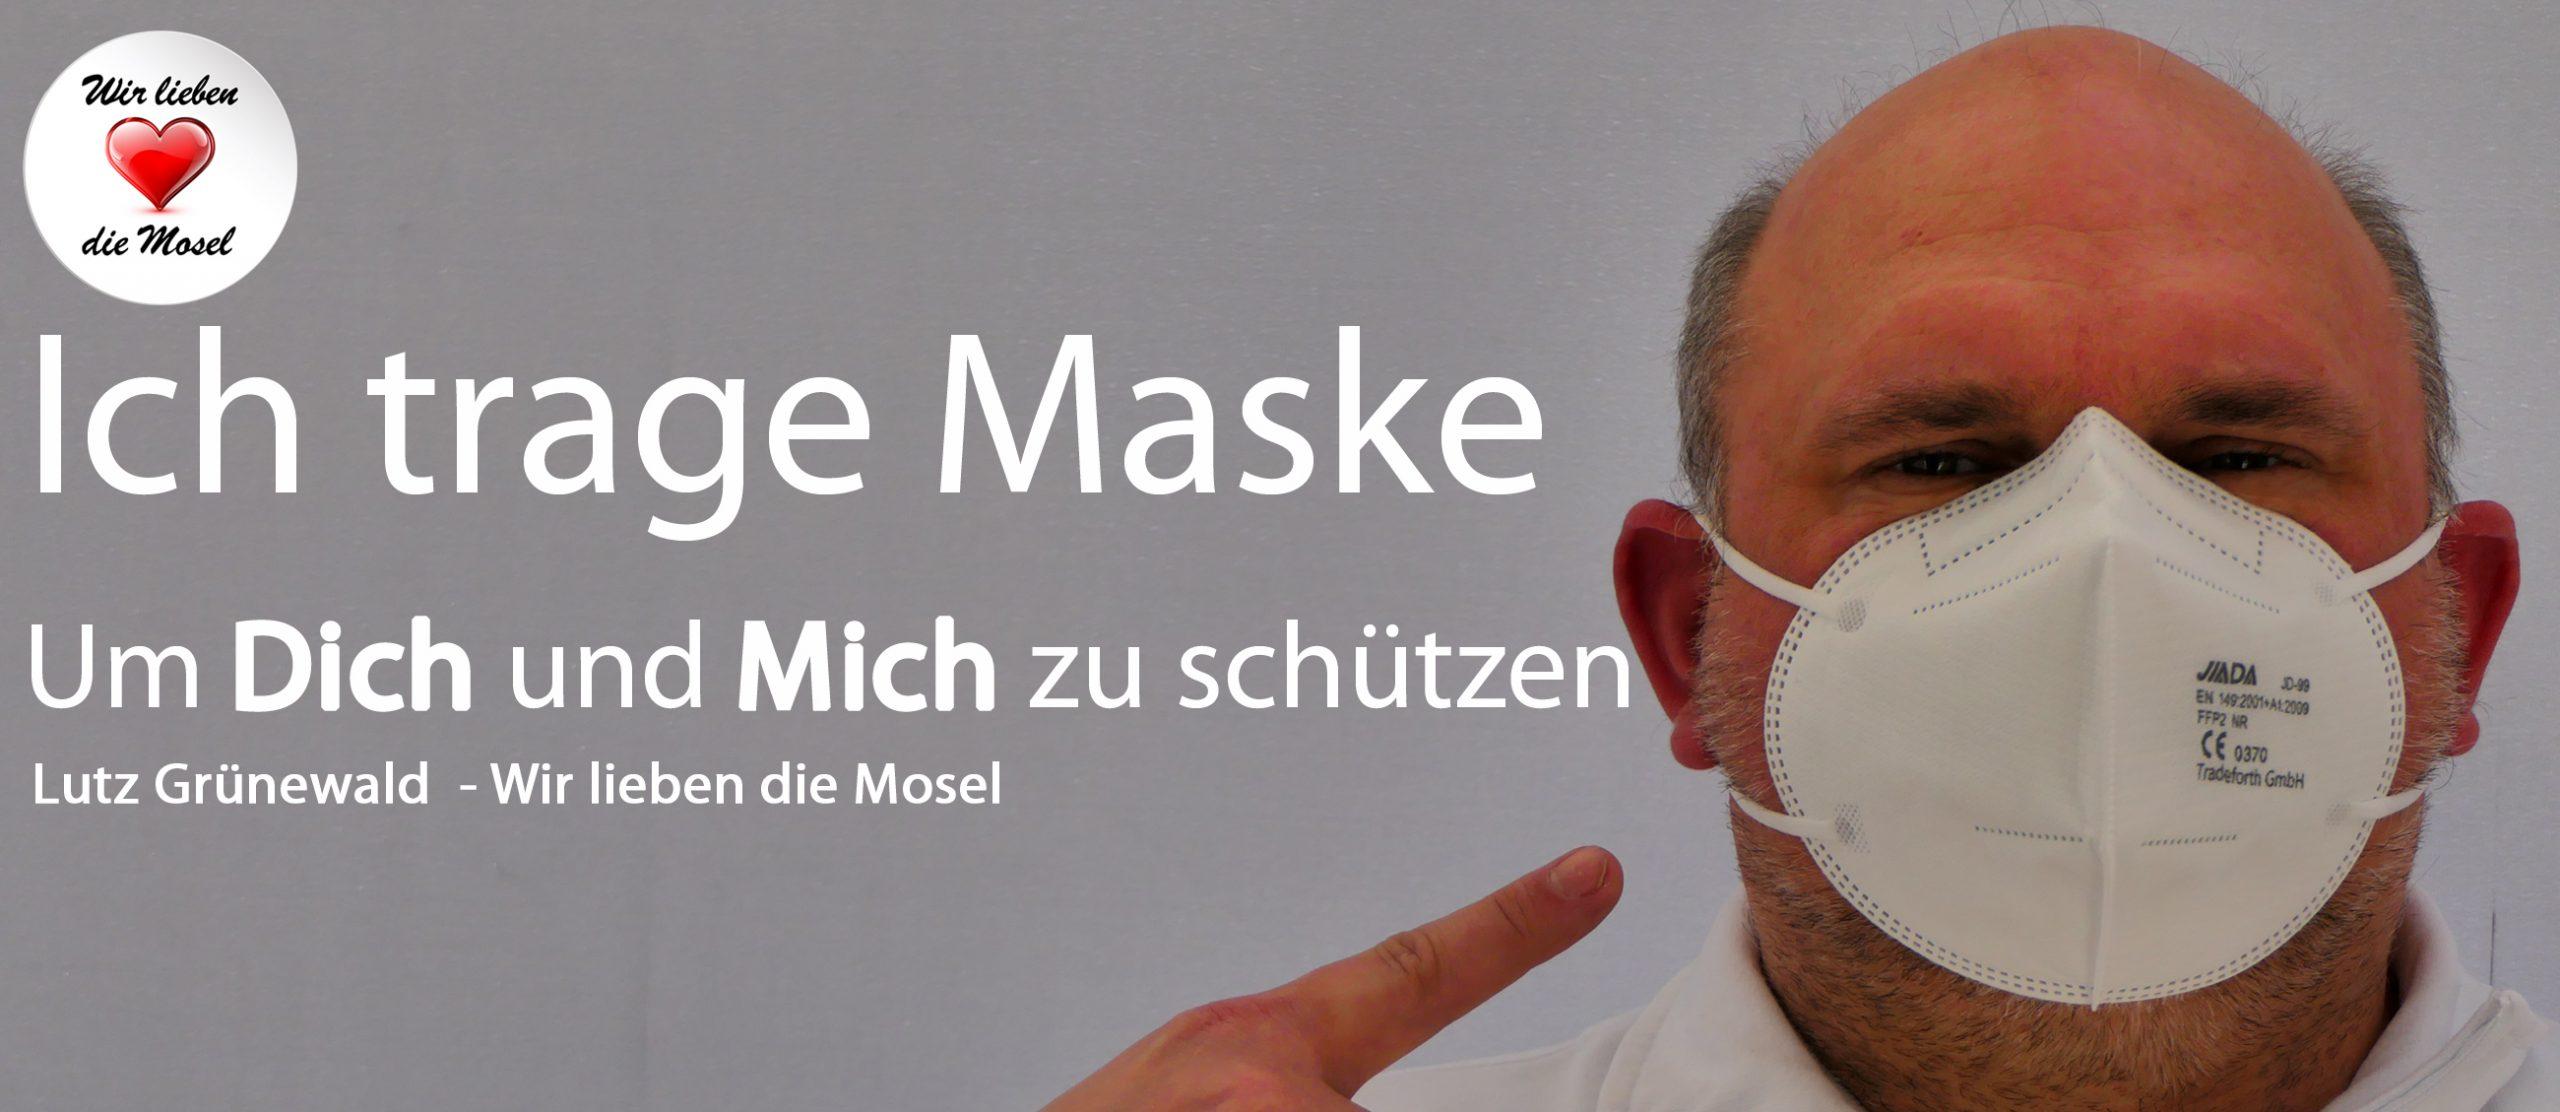 Gesichtsmaske Wir lieben die Mosel mit der Moselskyline